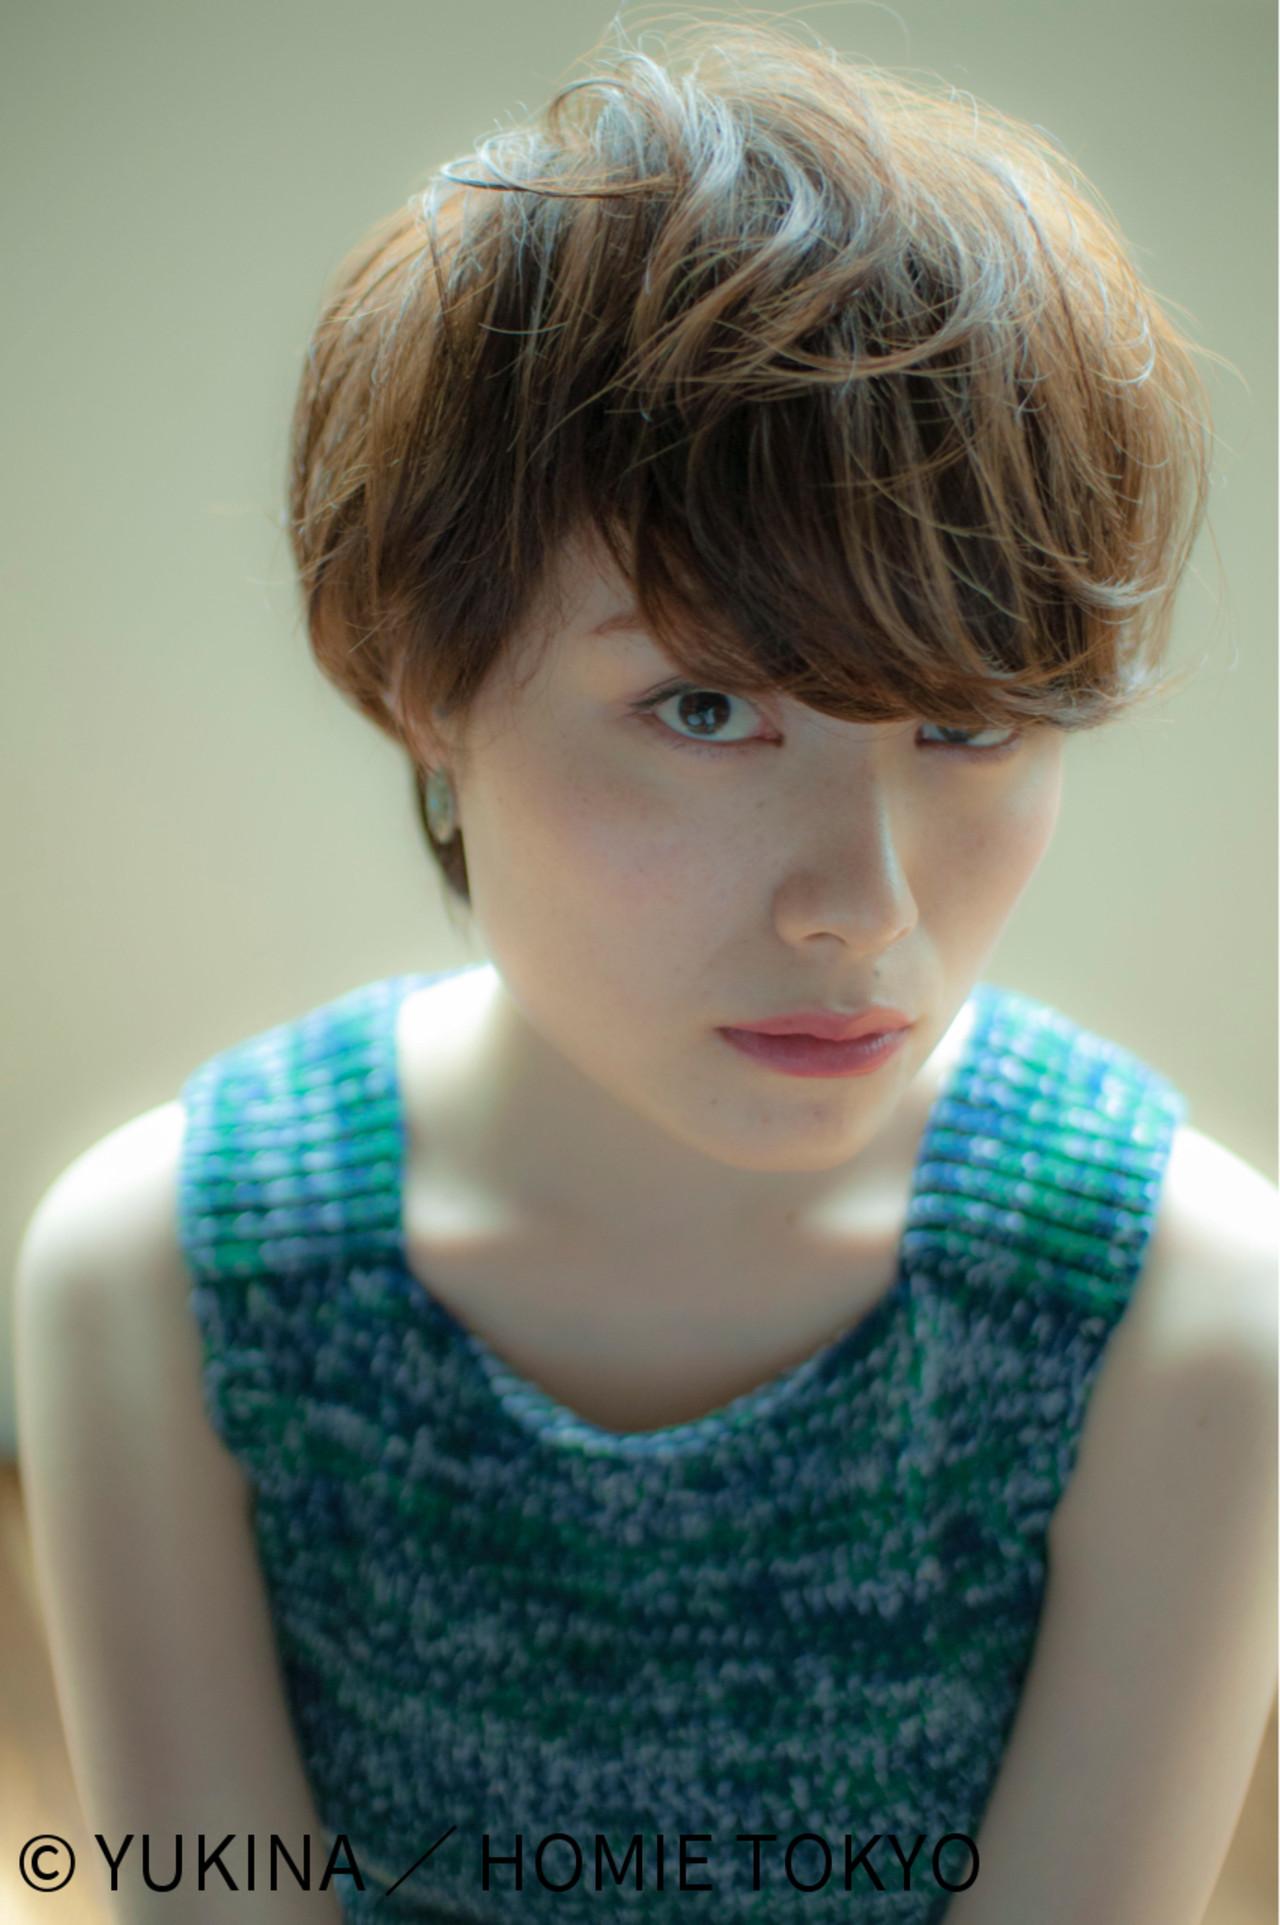 綺麗なカタチで魅了♡マッシュショート YUKINA / HOMIE TOKYO